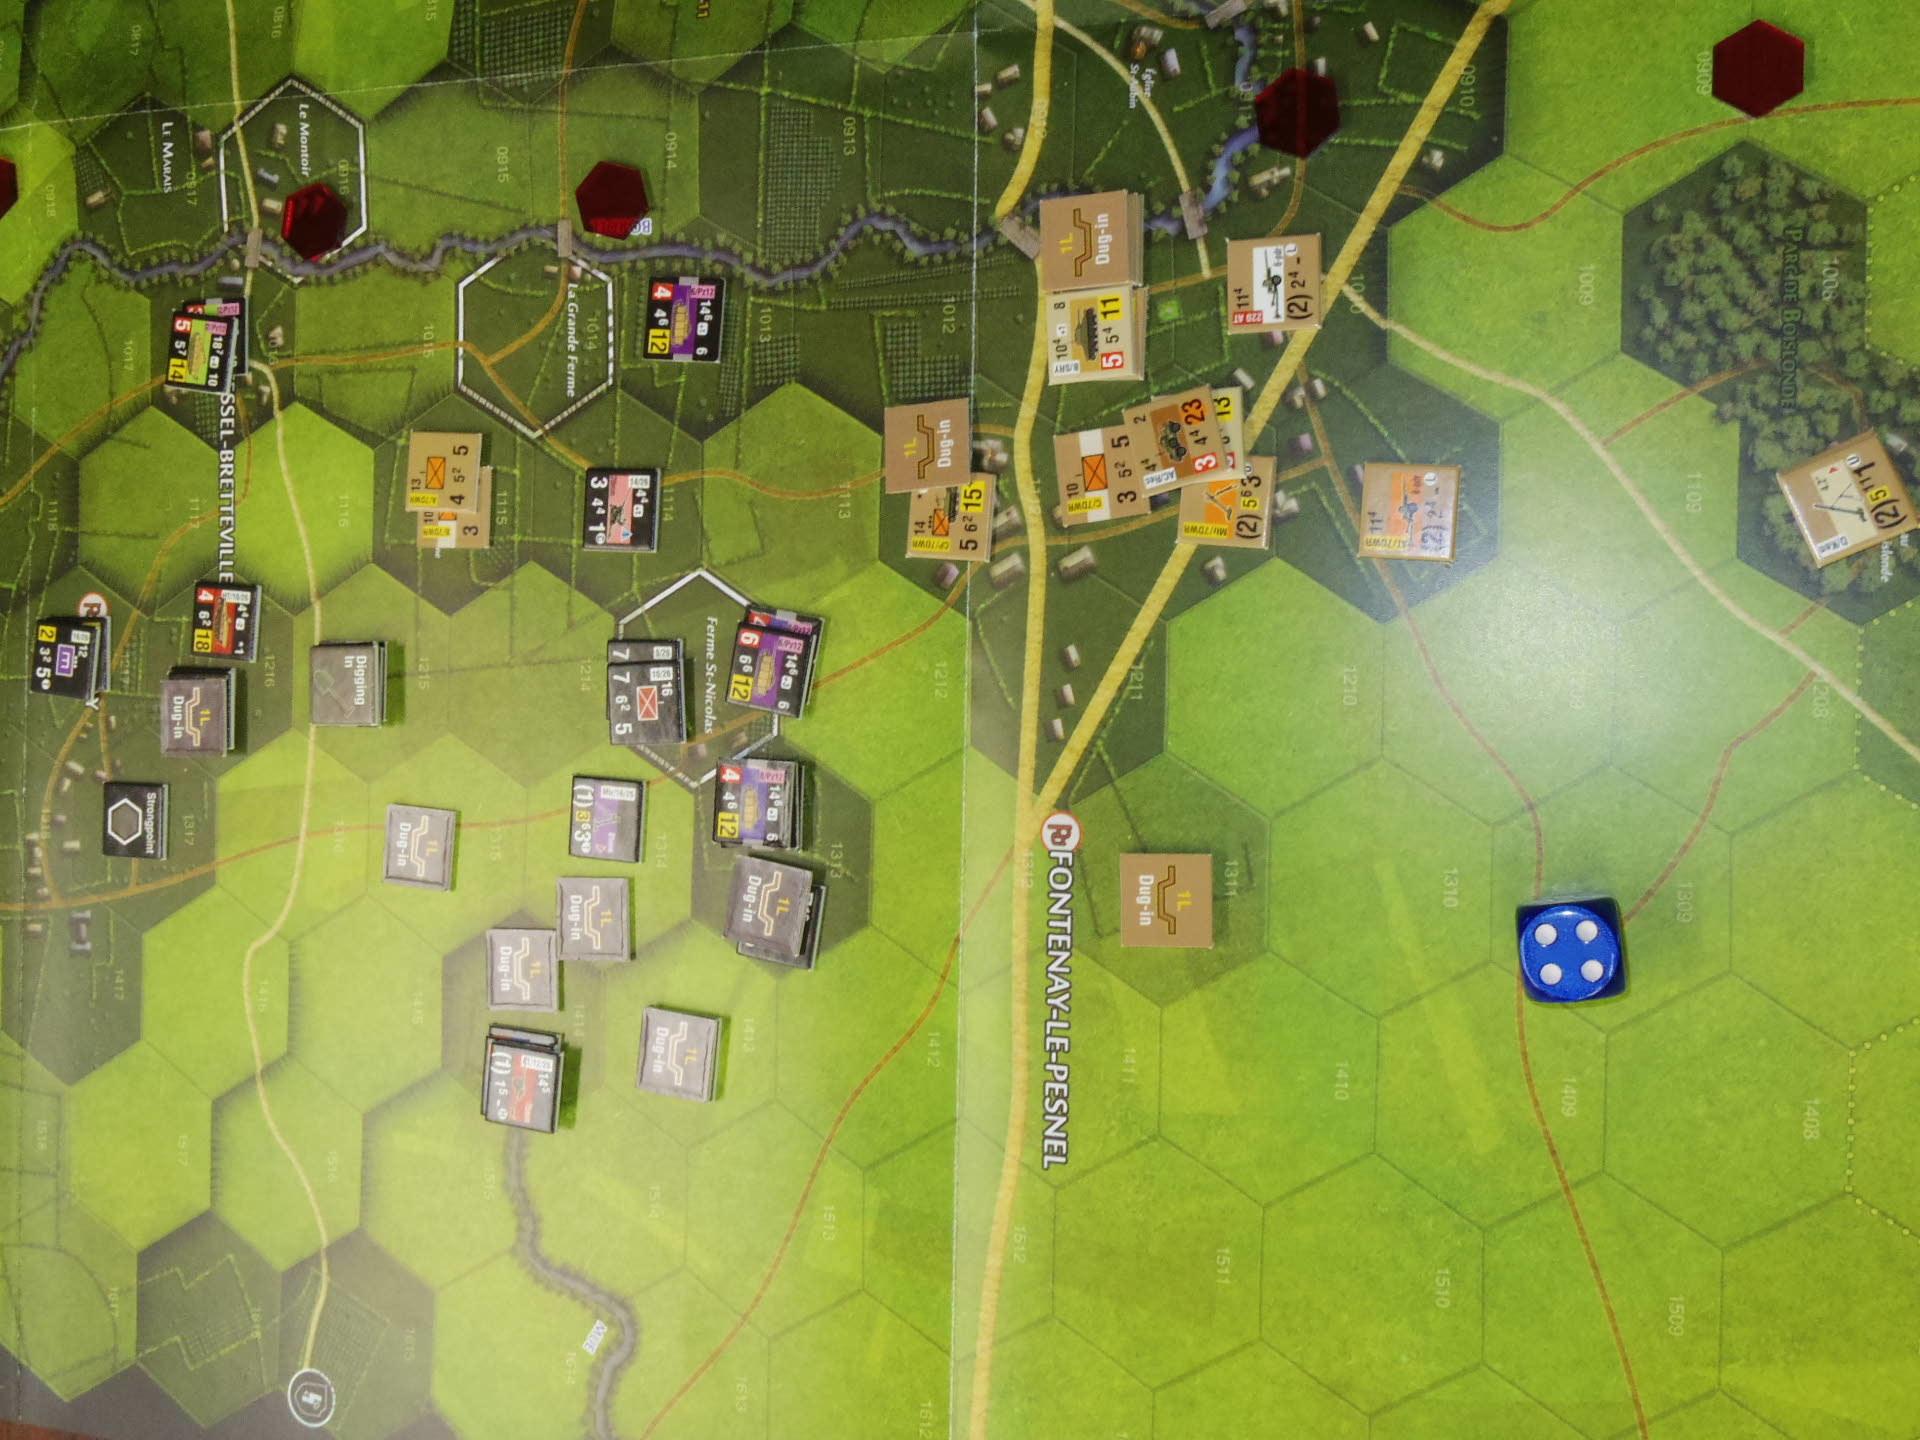 なんやかんや今期一番だったかもしれん・・オペ・ドン➊シナリオ18.T11『Breakthrough』          18.14『Battle for La Ferme St.Nicolas』_b0173672_19450981.jpg